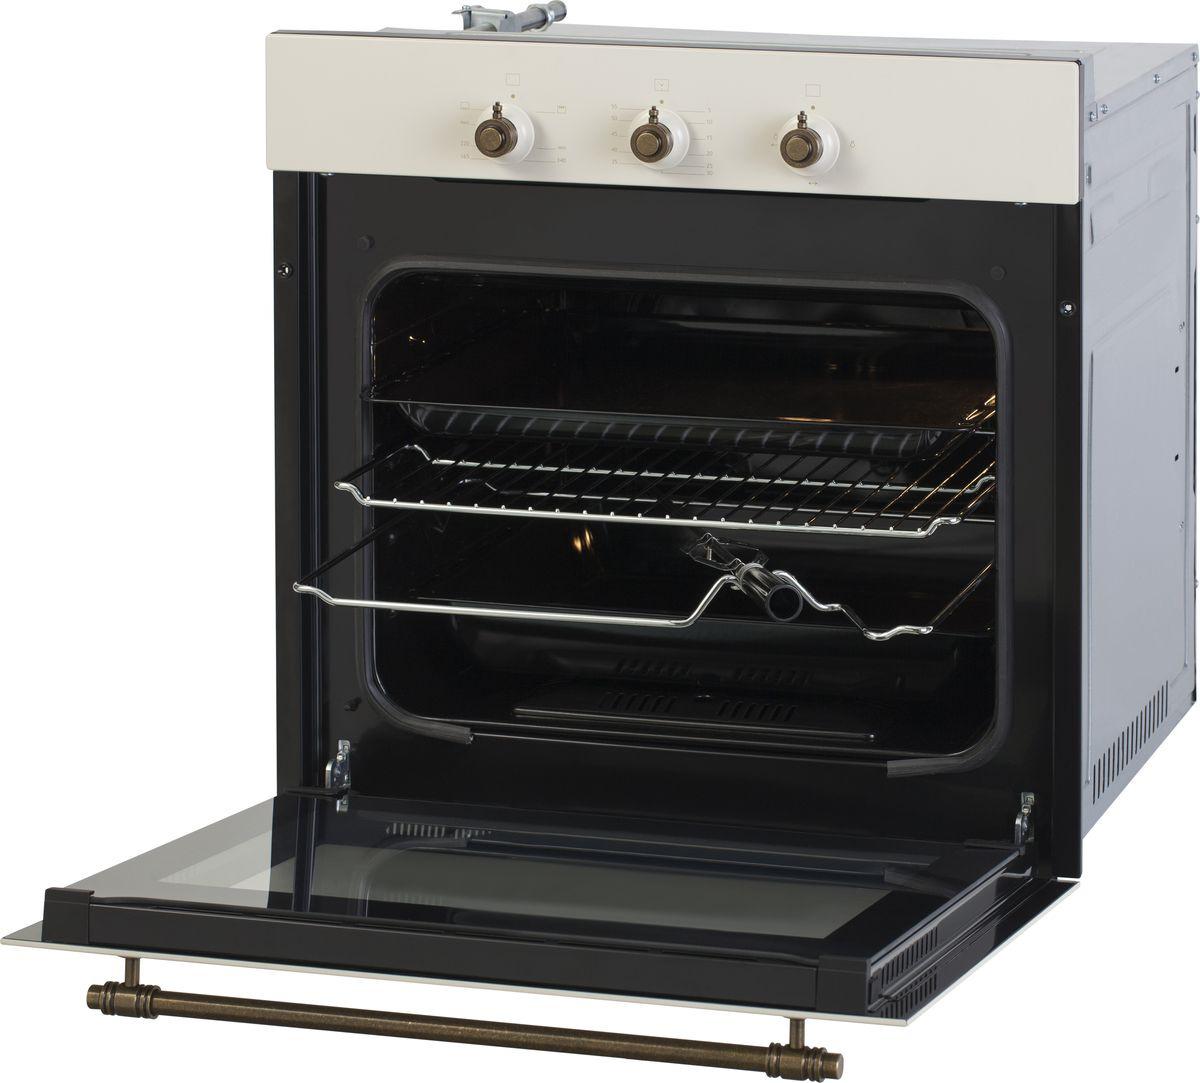 Какой духовой шкаф лучше: электрический или газовый?